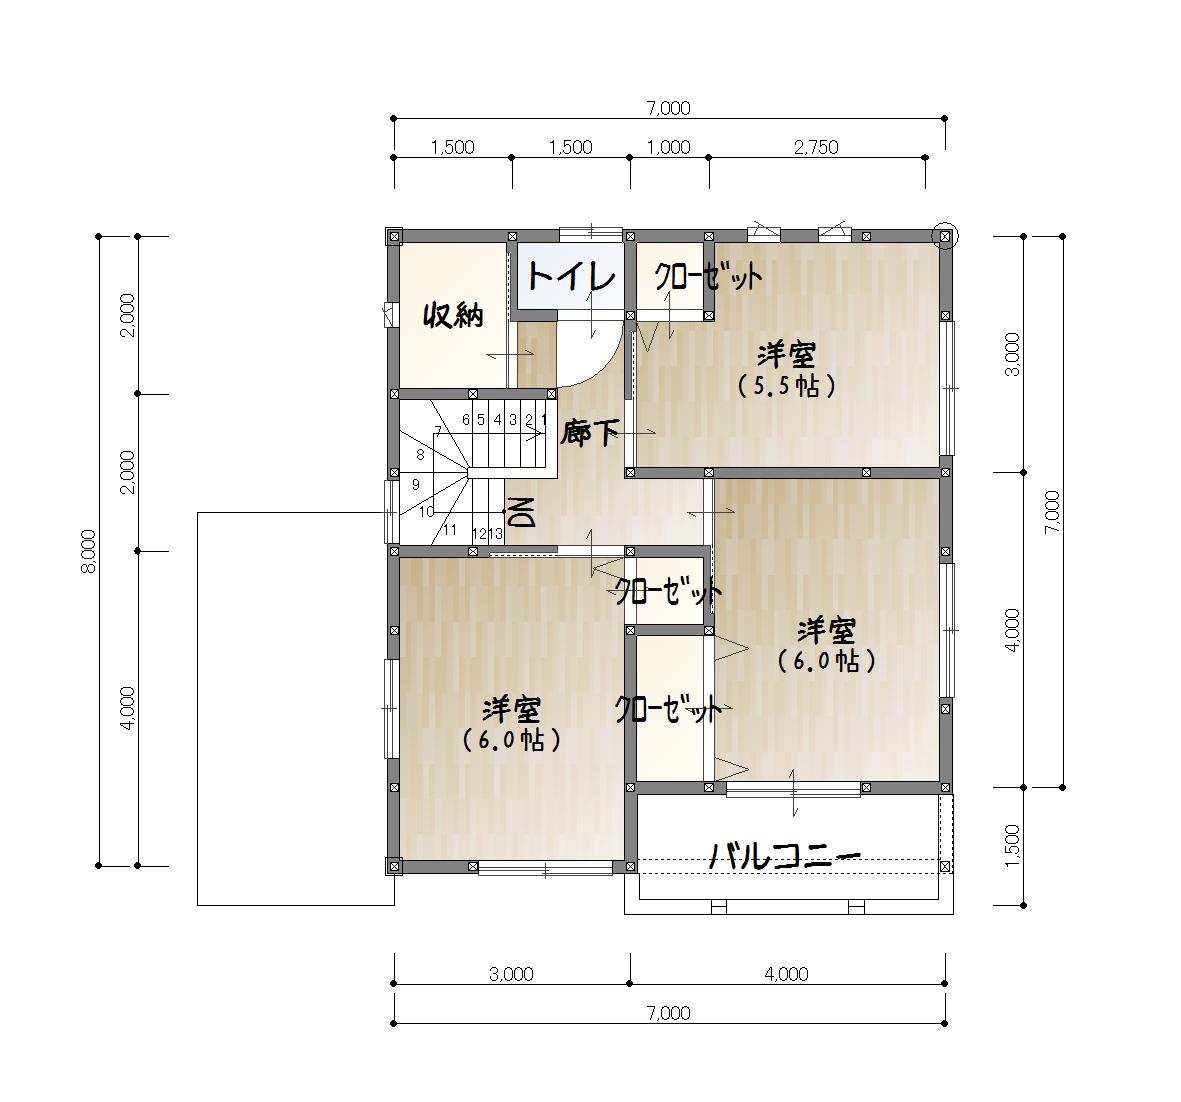 夏目ヶ市建売2F平面図(※実際の建物と異なる場合があります。)